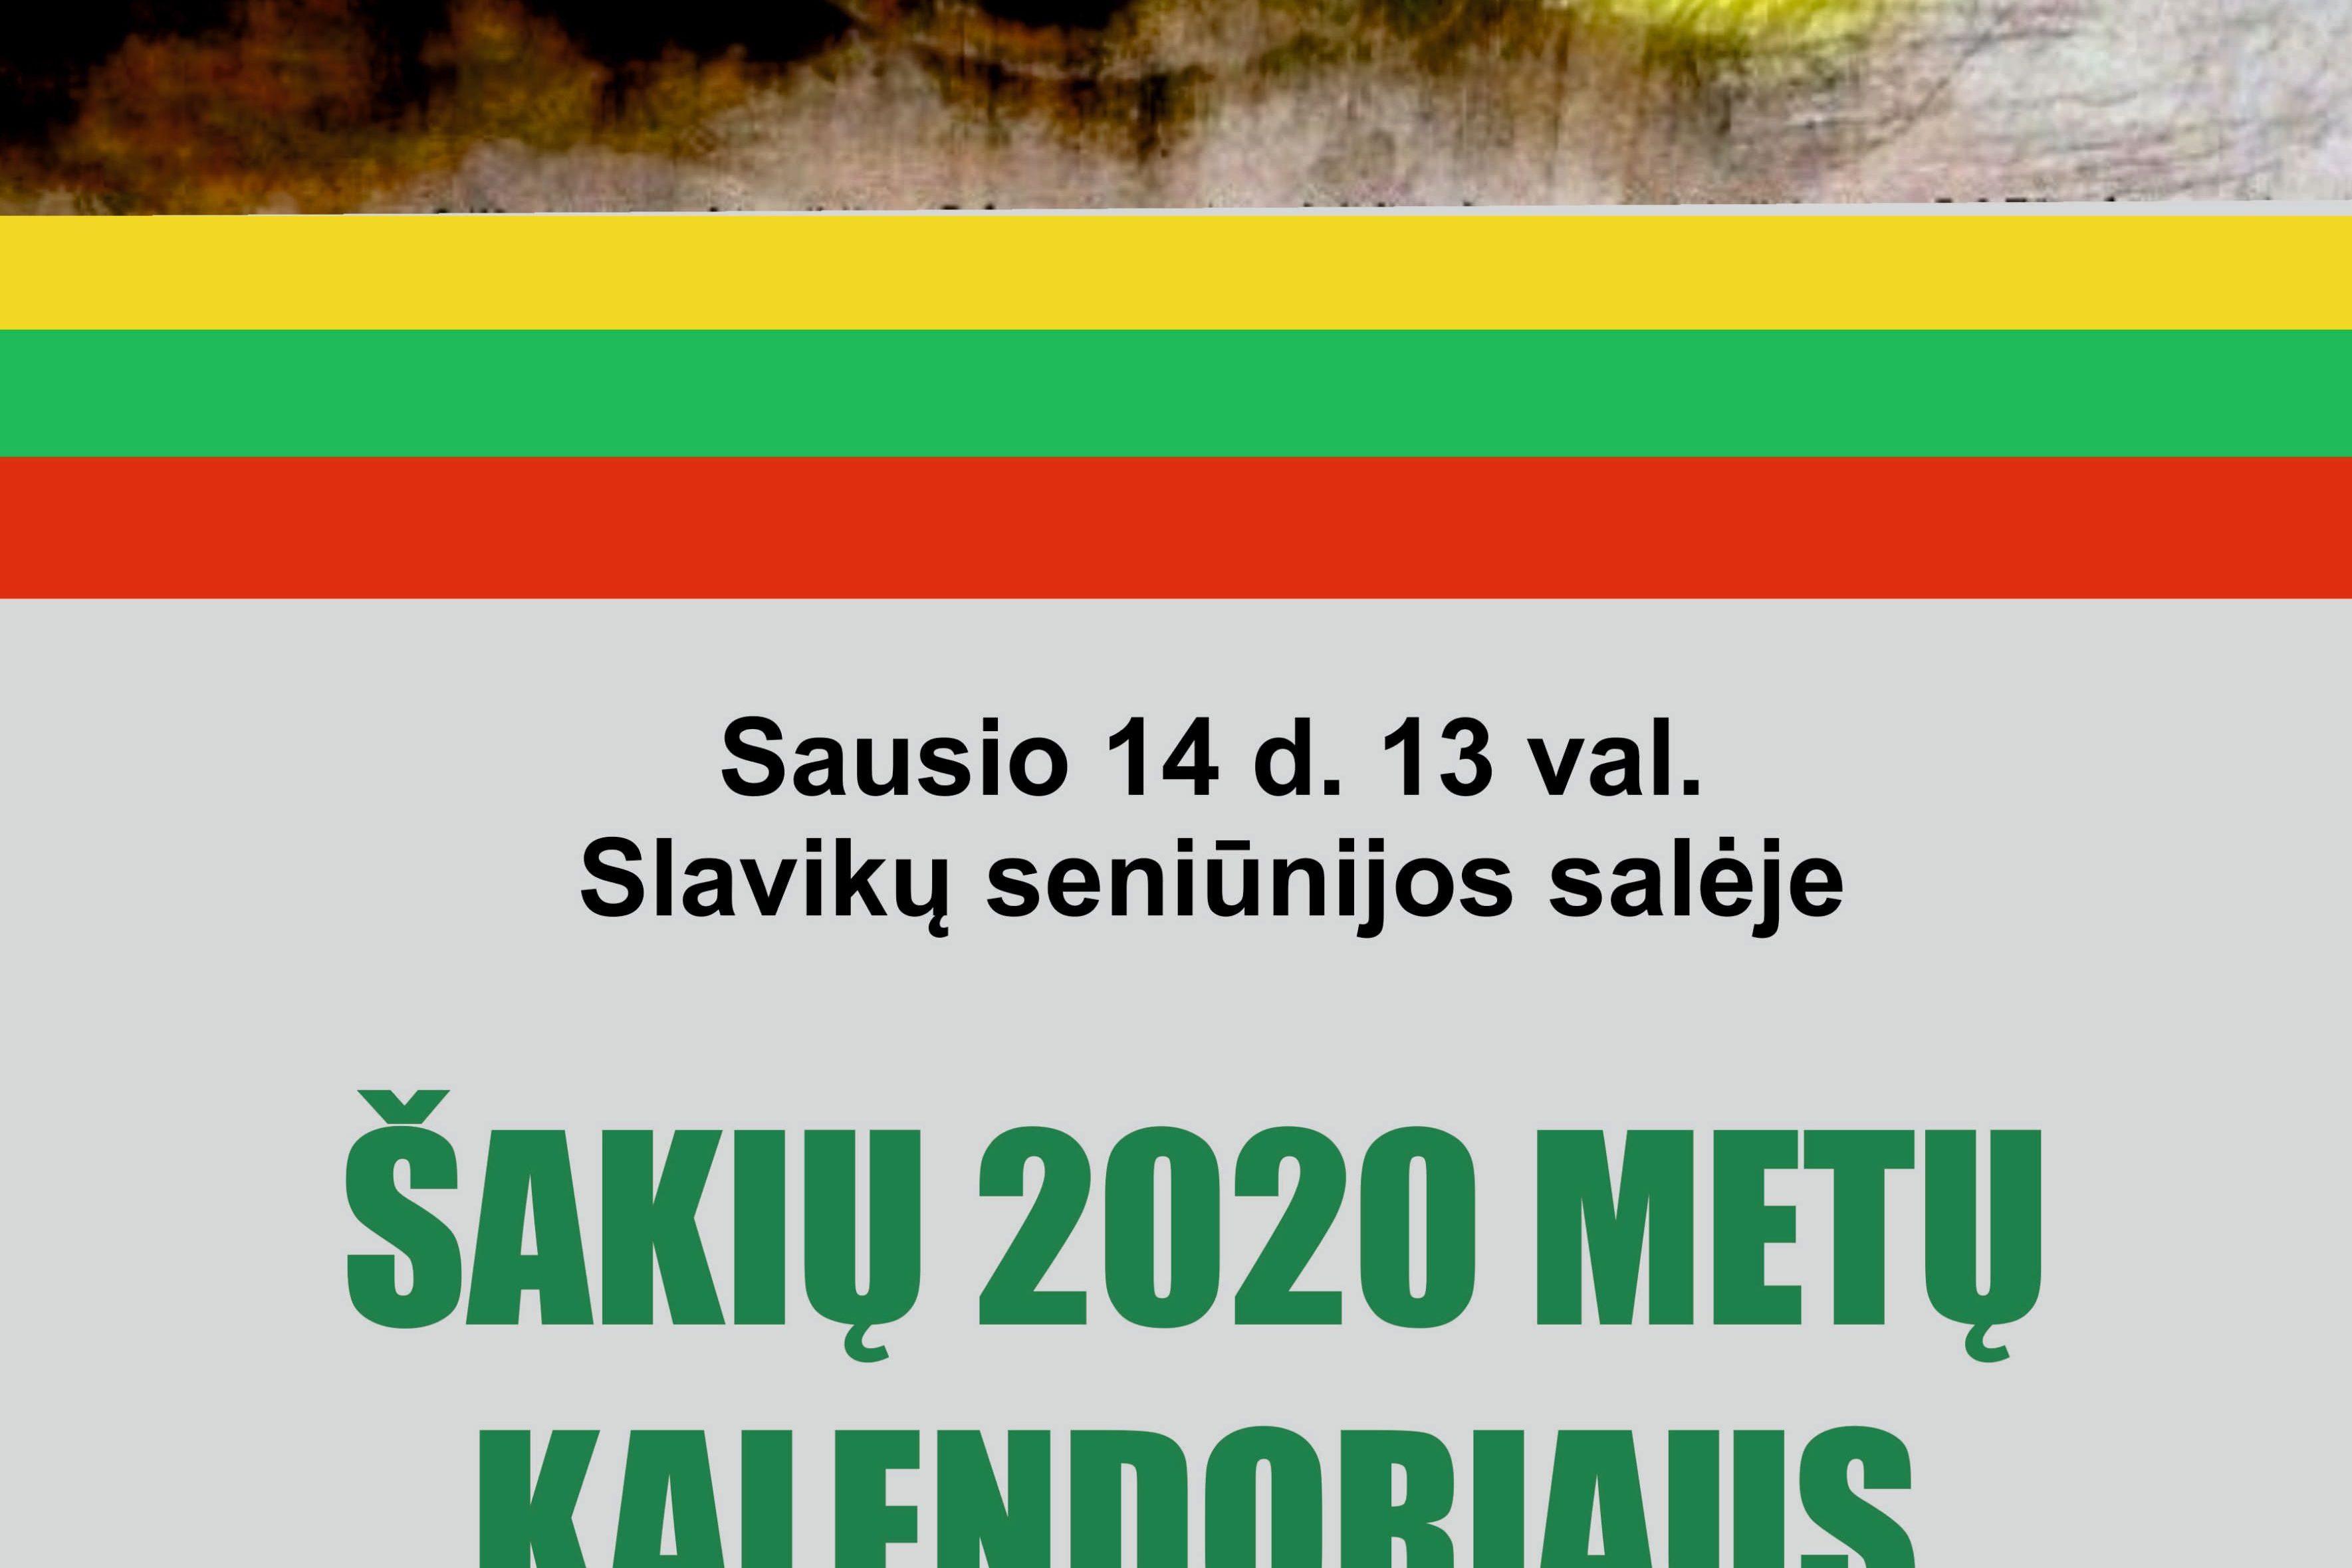 2020 metų Šakių kalendoriaus pristatymas Slavikuose